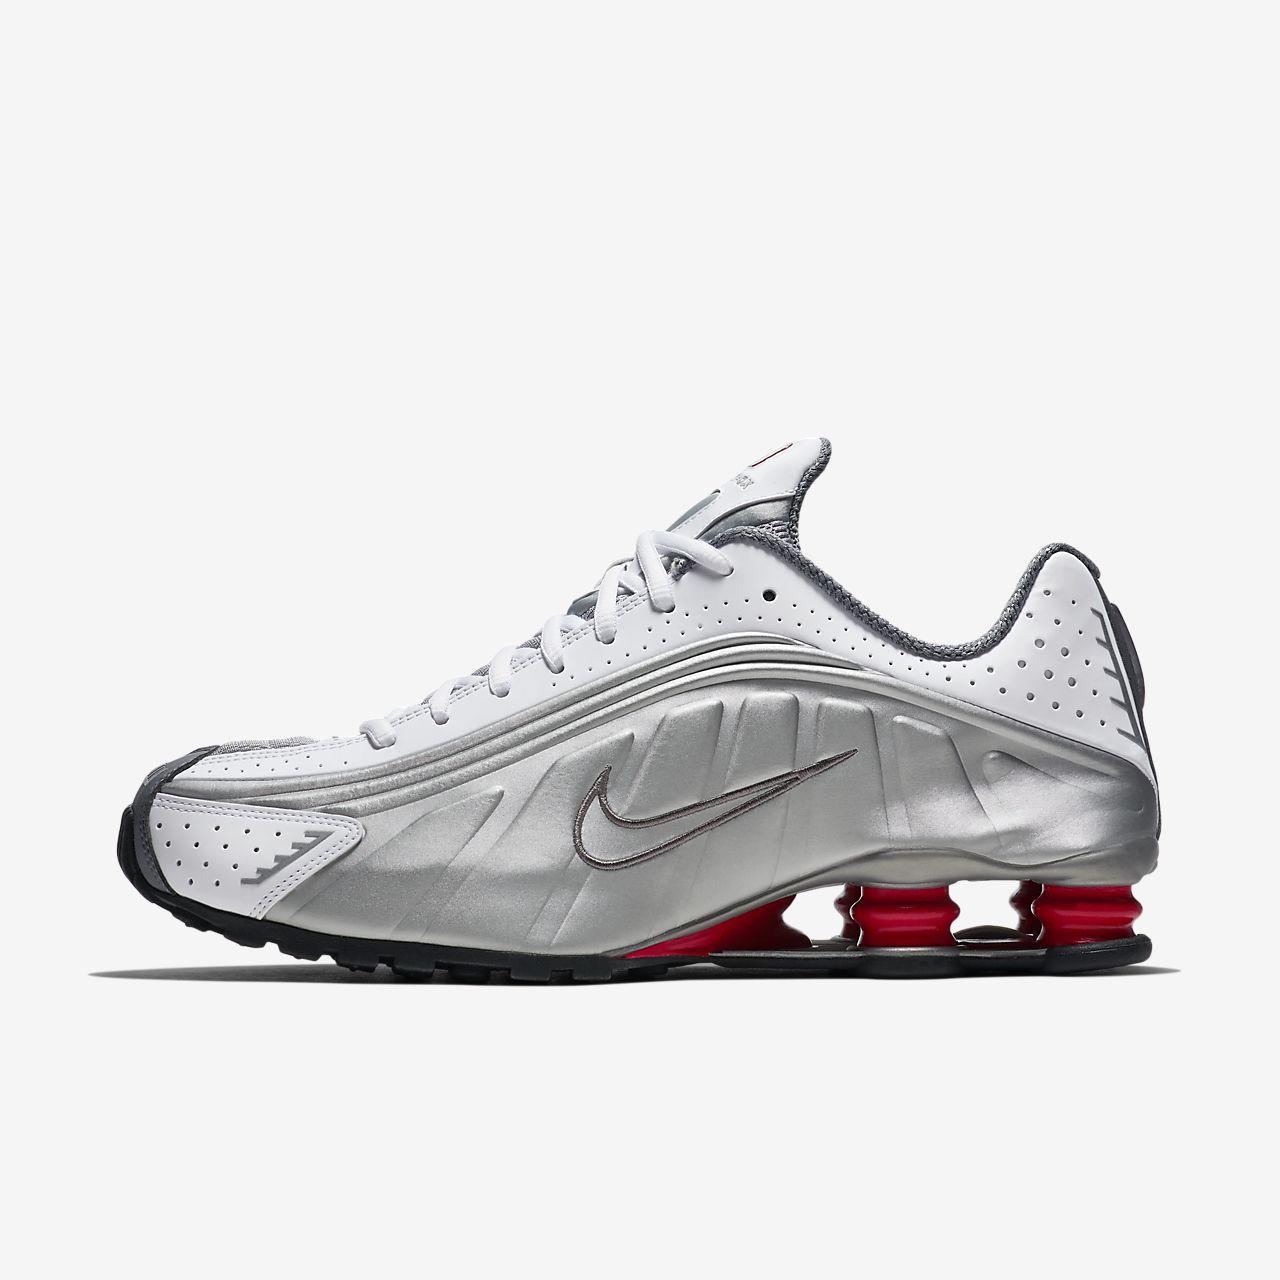 Women Nike Shox R4 : Real Nike Running Shoes, Nike Running Shoes